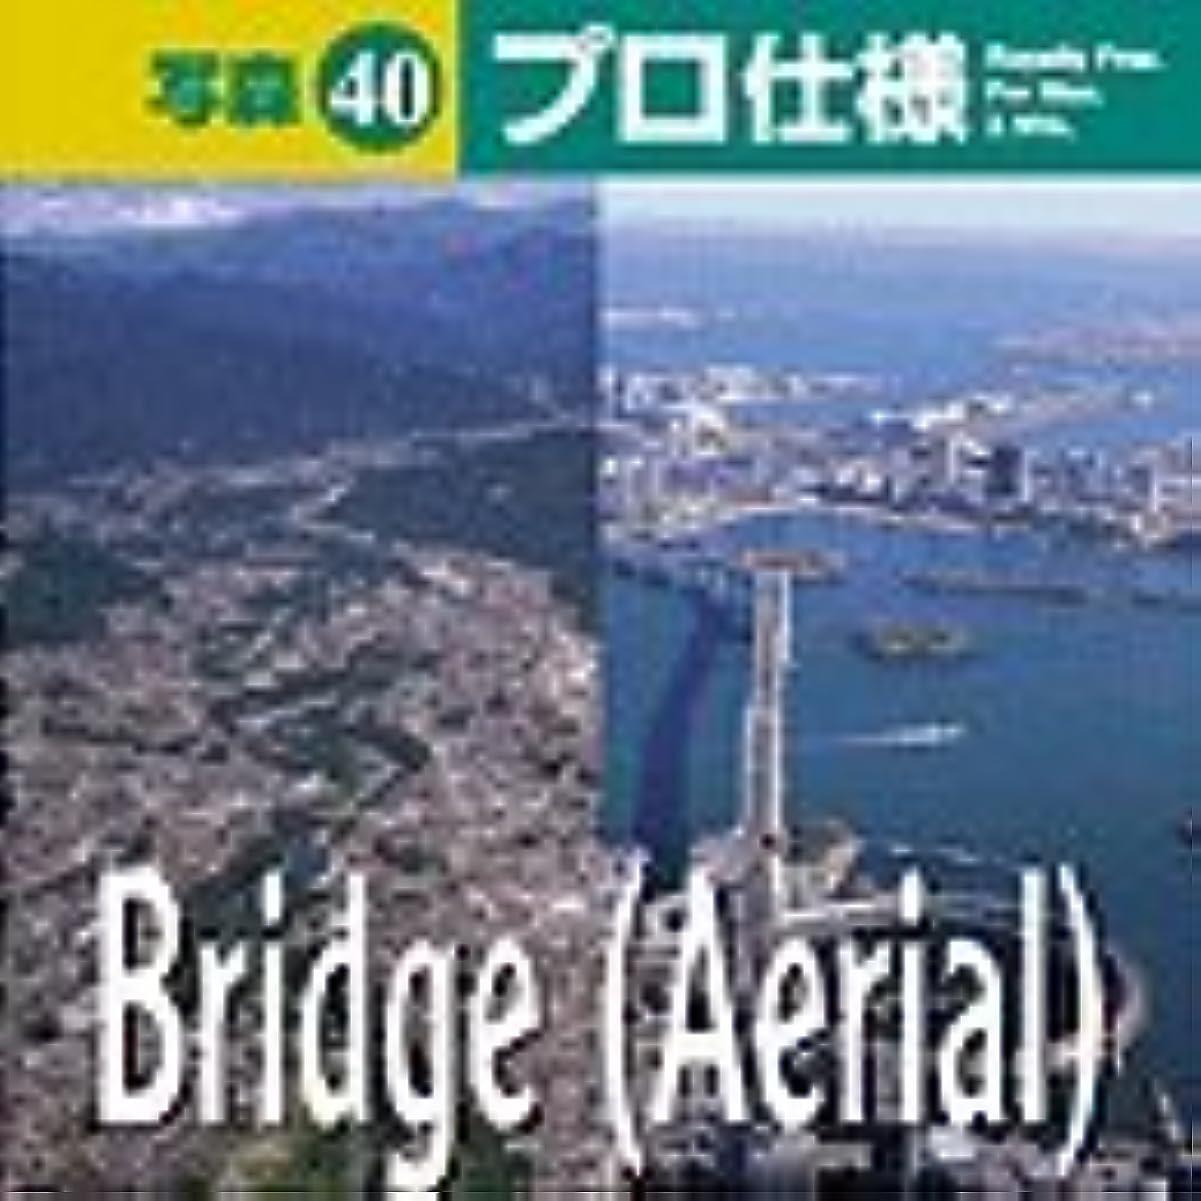 放映有罪カロリー写森プロ仕様 Vol.40 Bridge (Aerial)